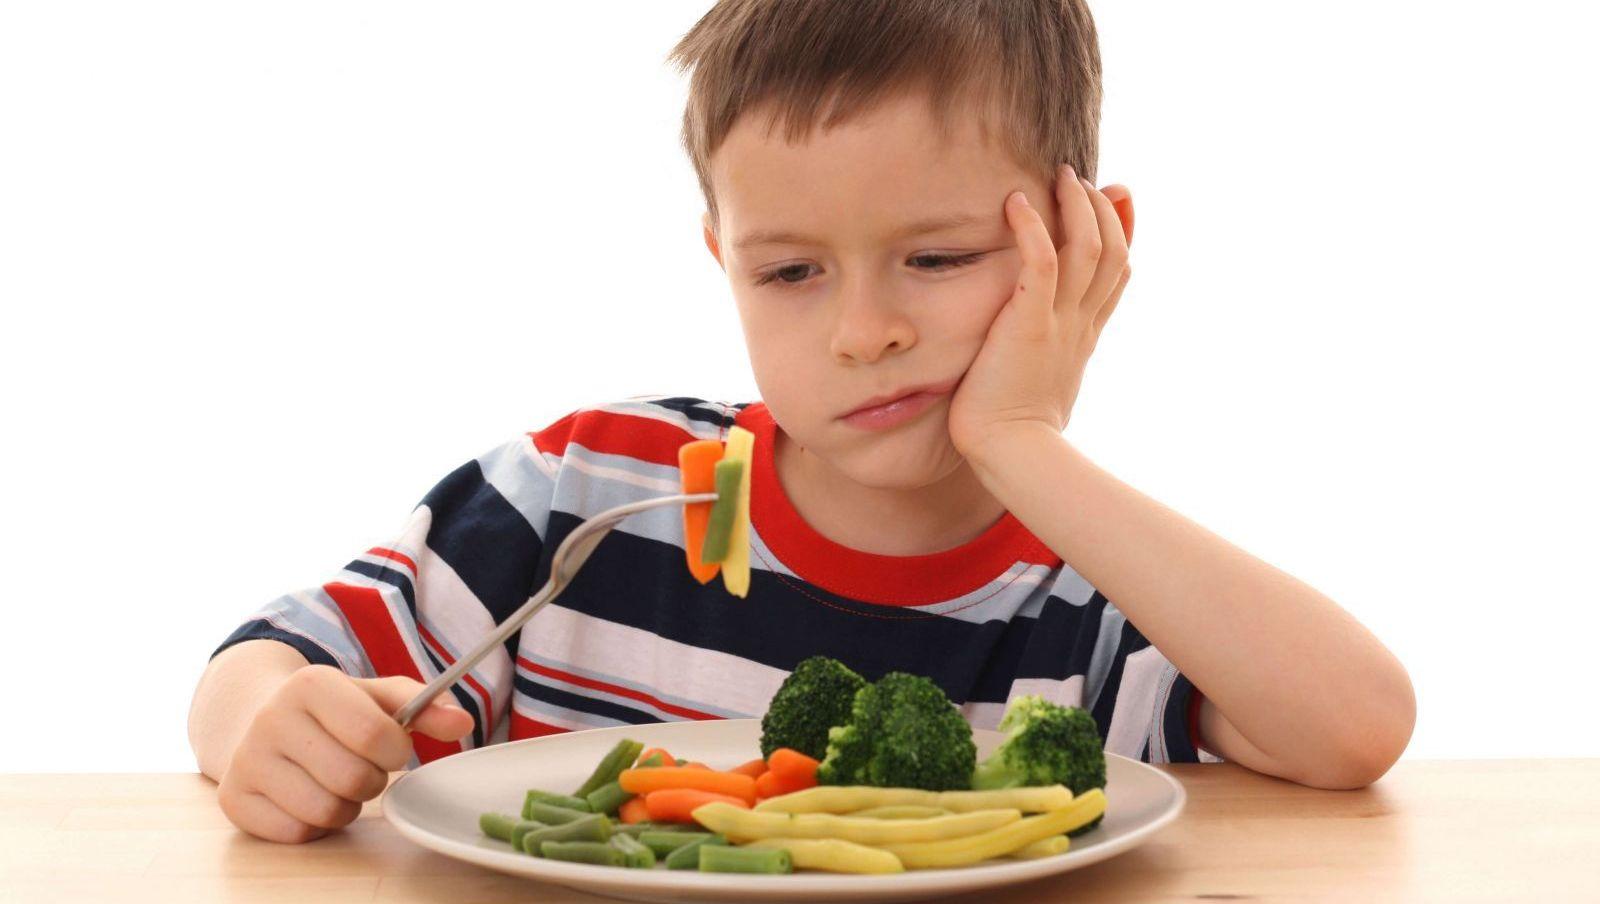 """Báo động """"ép ăn khiến bé suy dinh dưỡng"""" bố mẹ cần thức tỉnh ngay"""